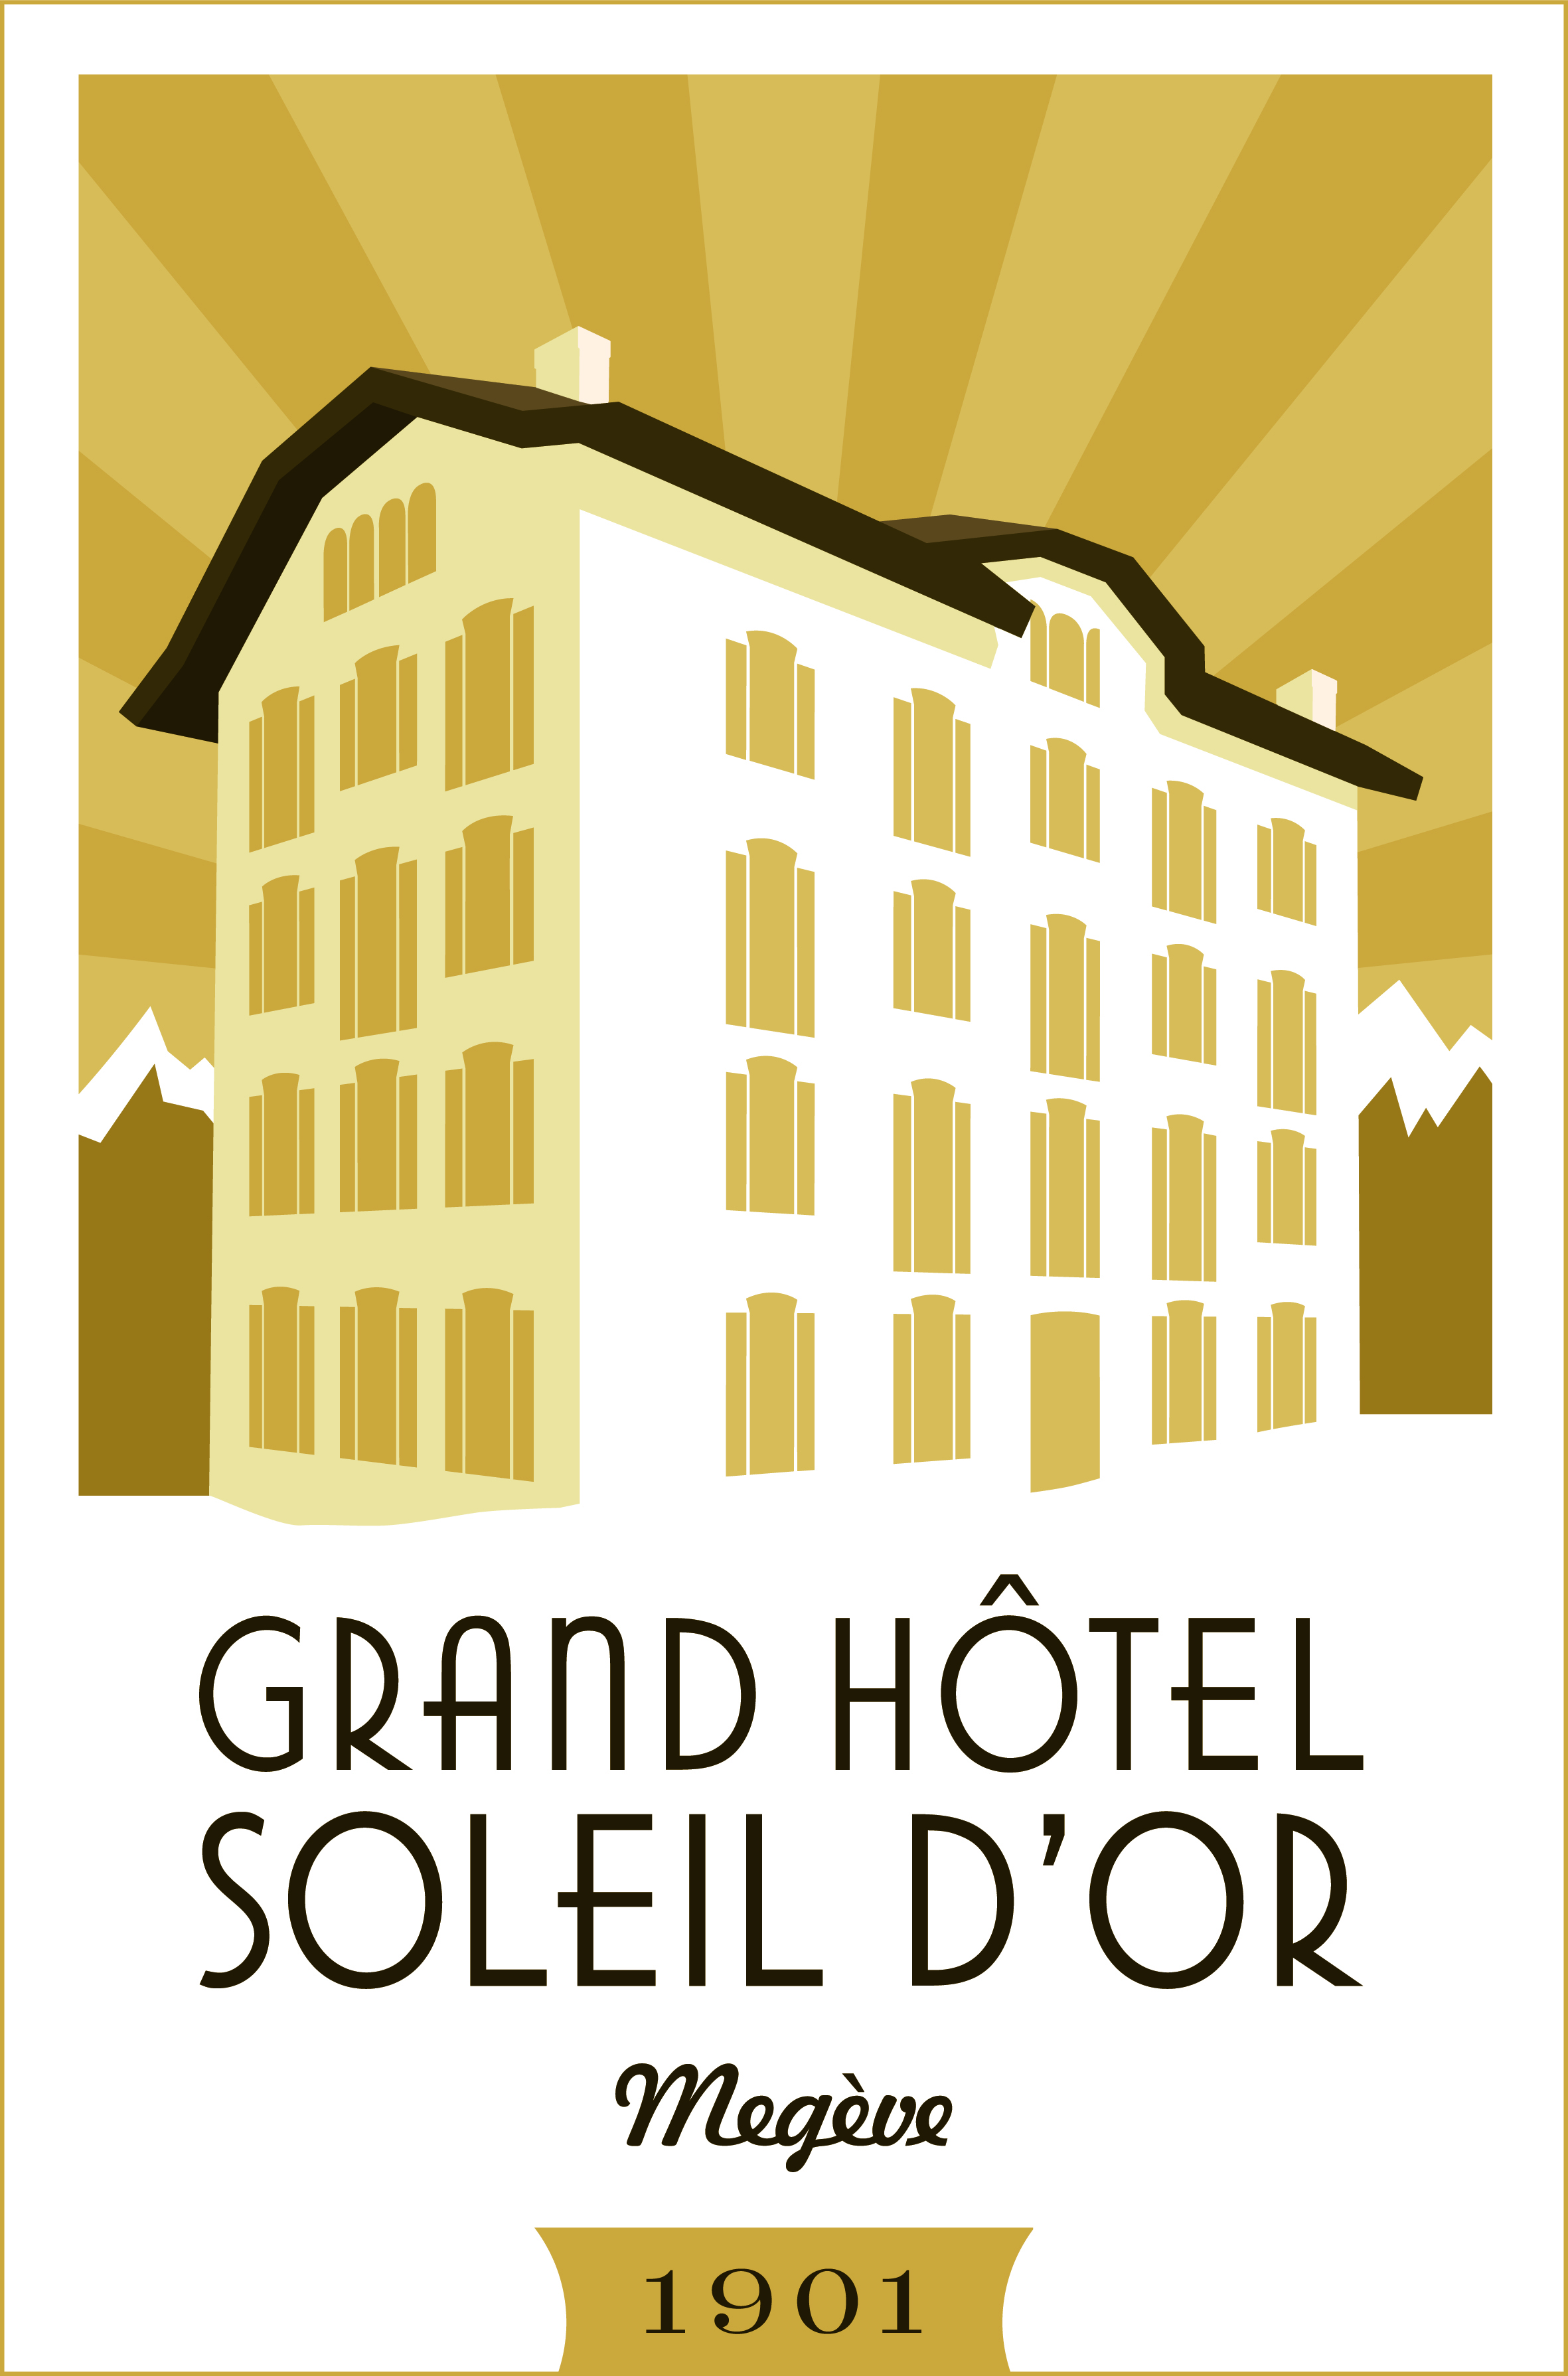 Grand Hôtel Soleil d'Or